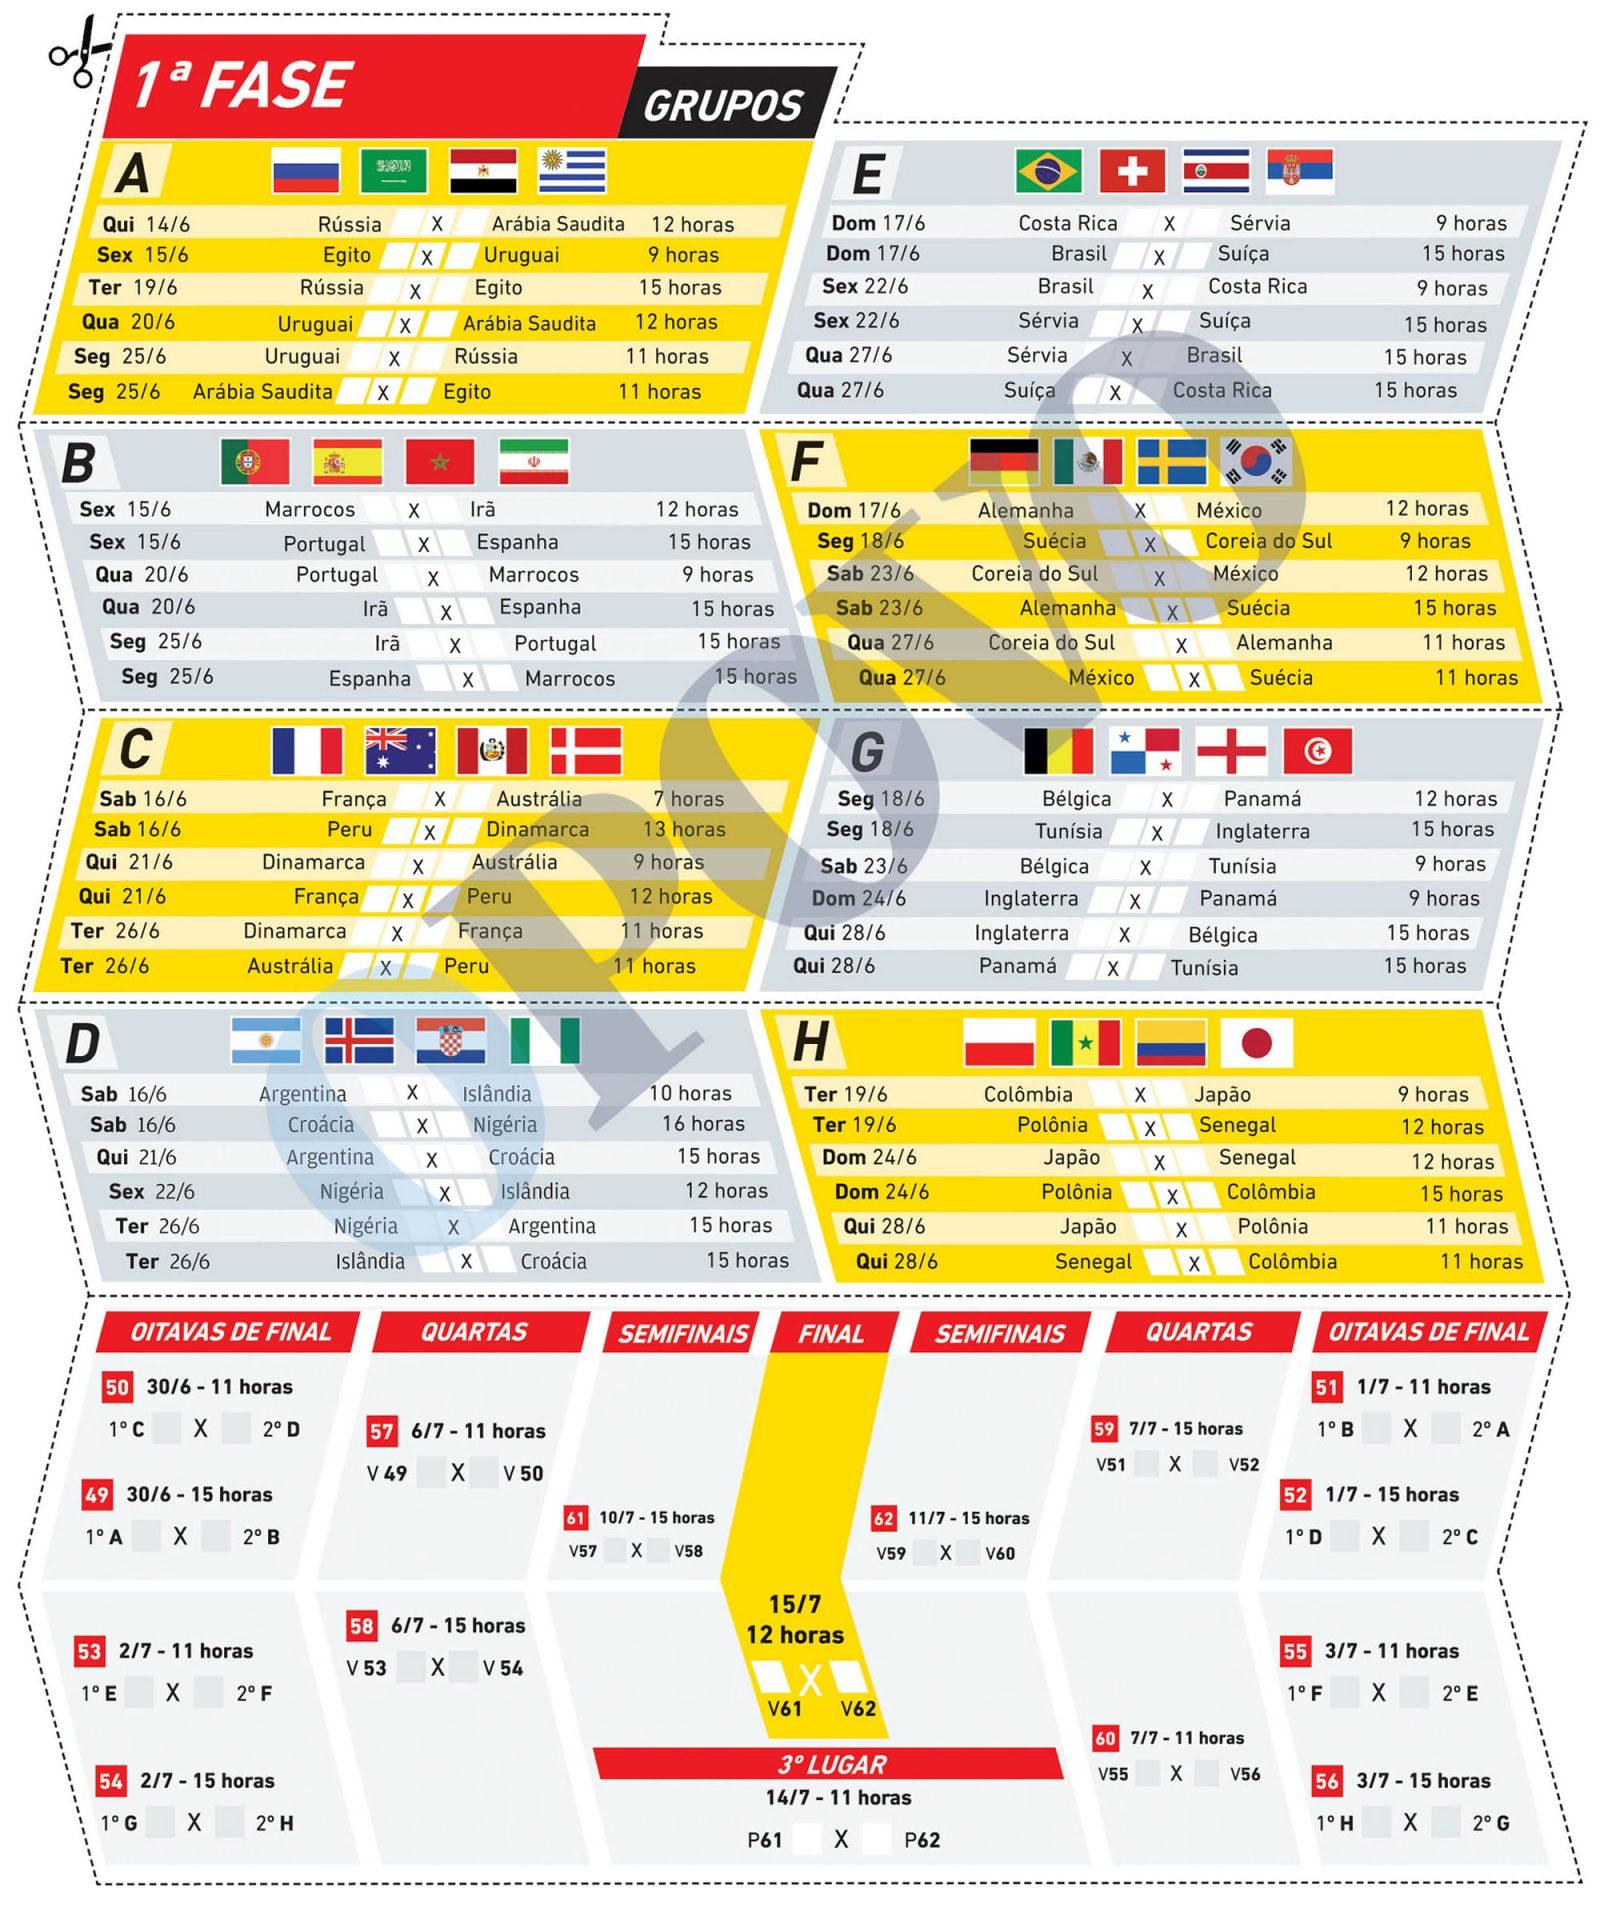 tabela da copa do mundo fifa